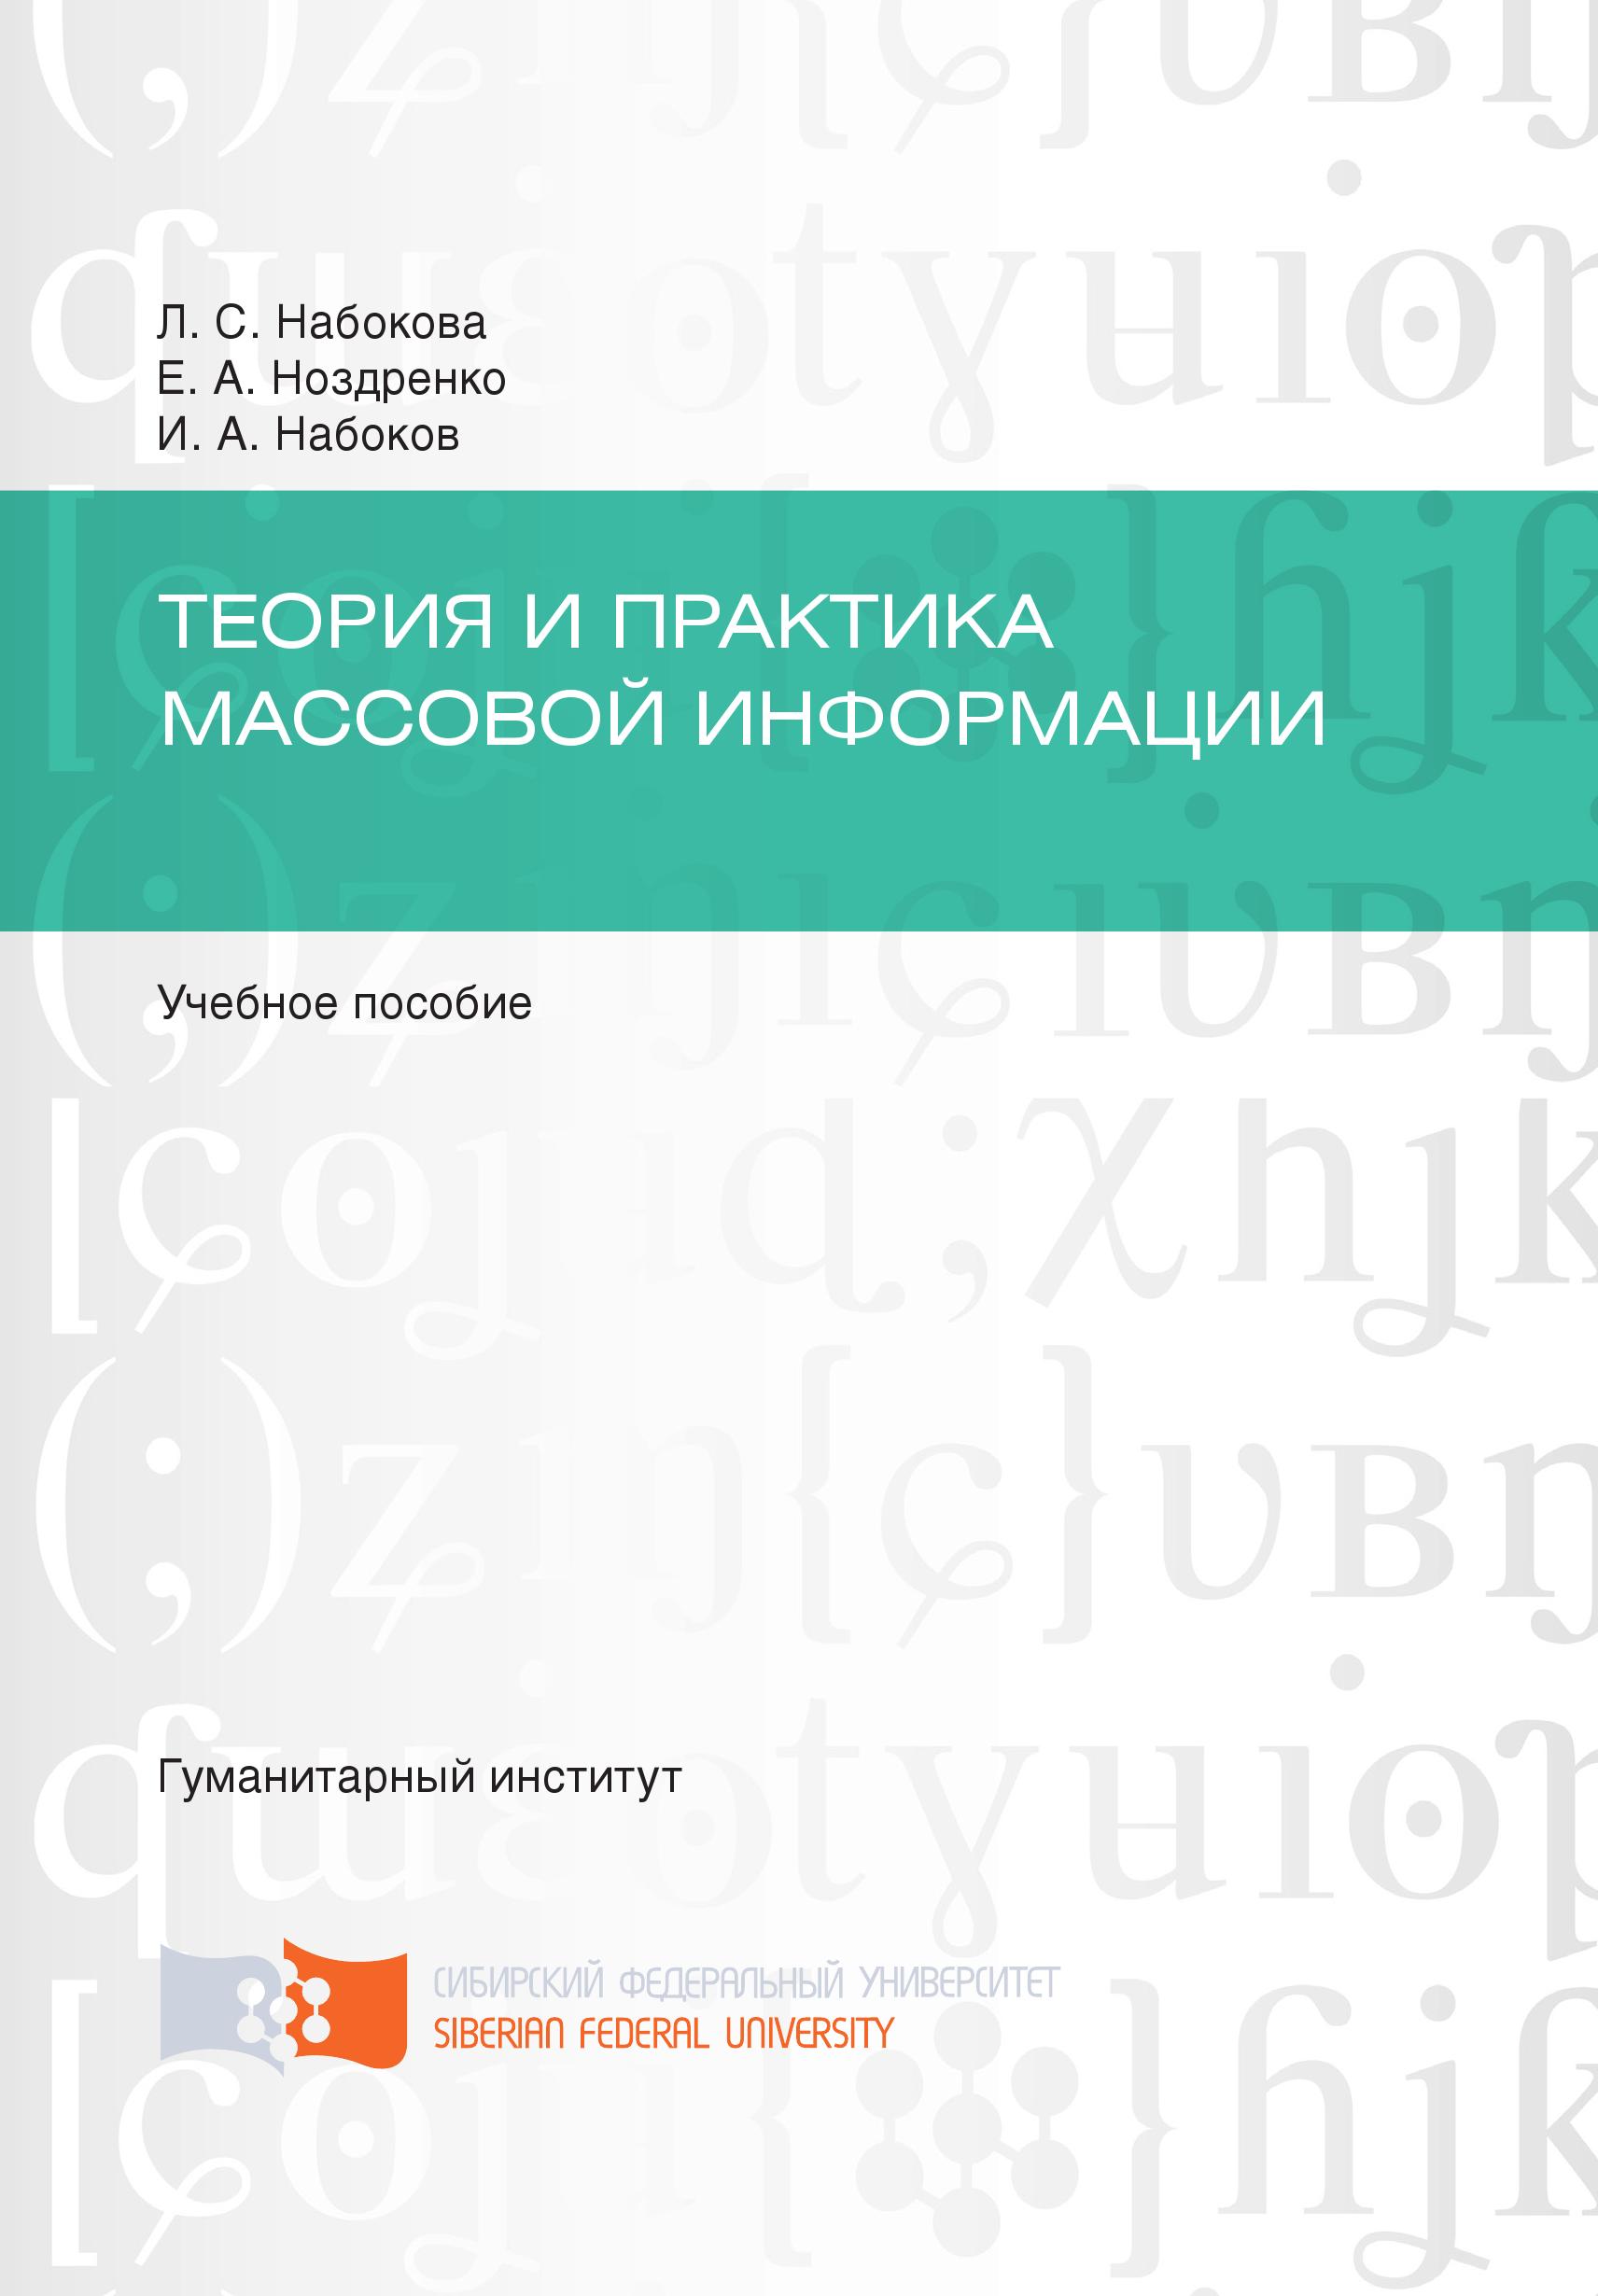 Илья Набоков Теория и практика массовой информации киселев а теория и практика массовой информации